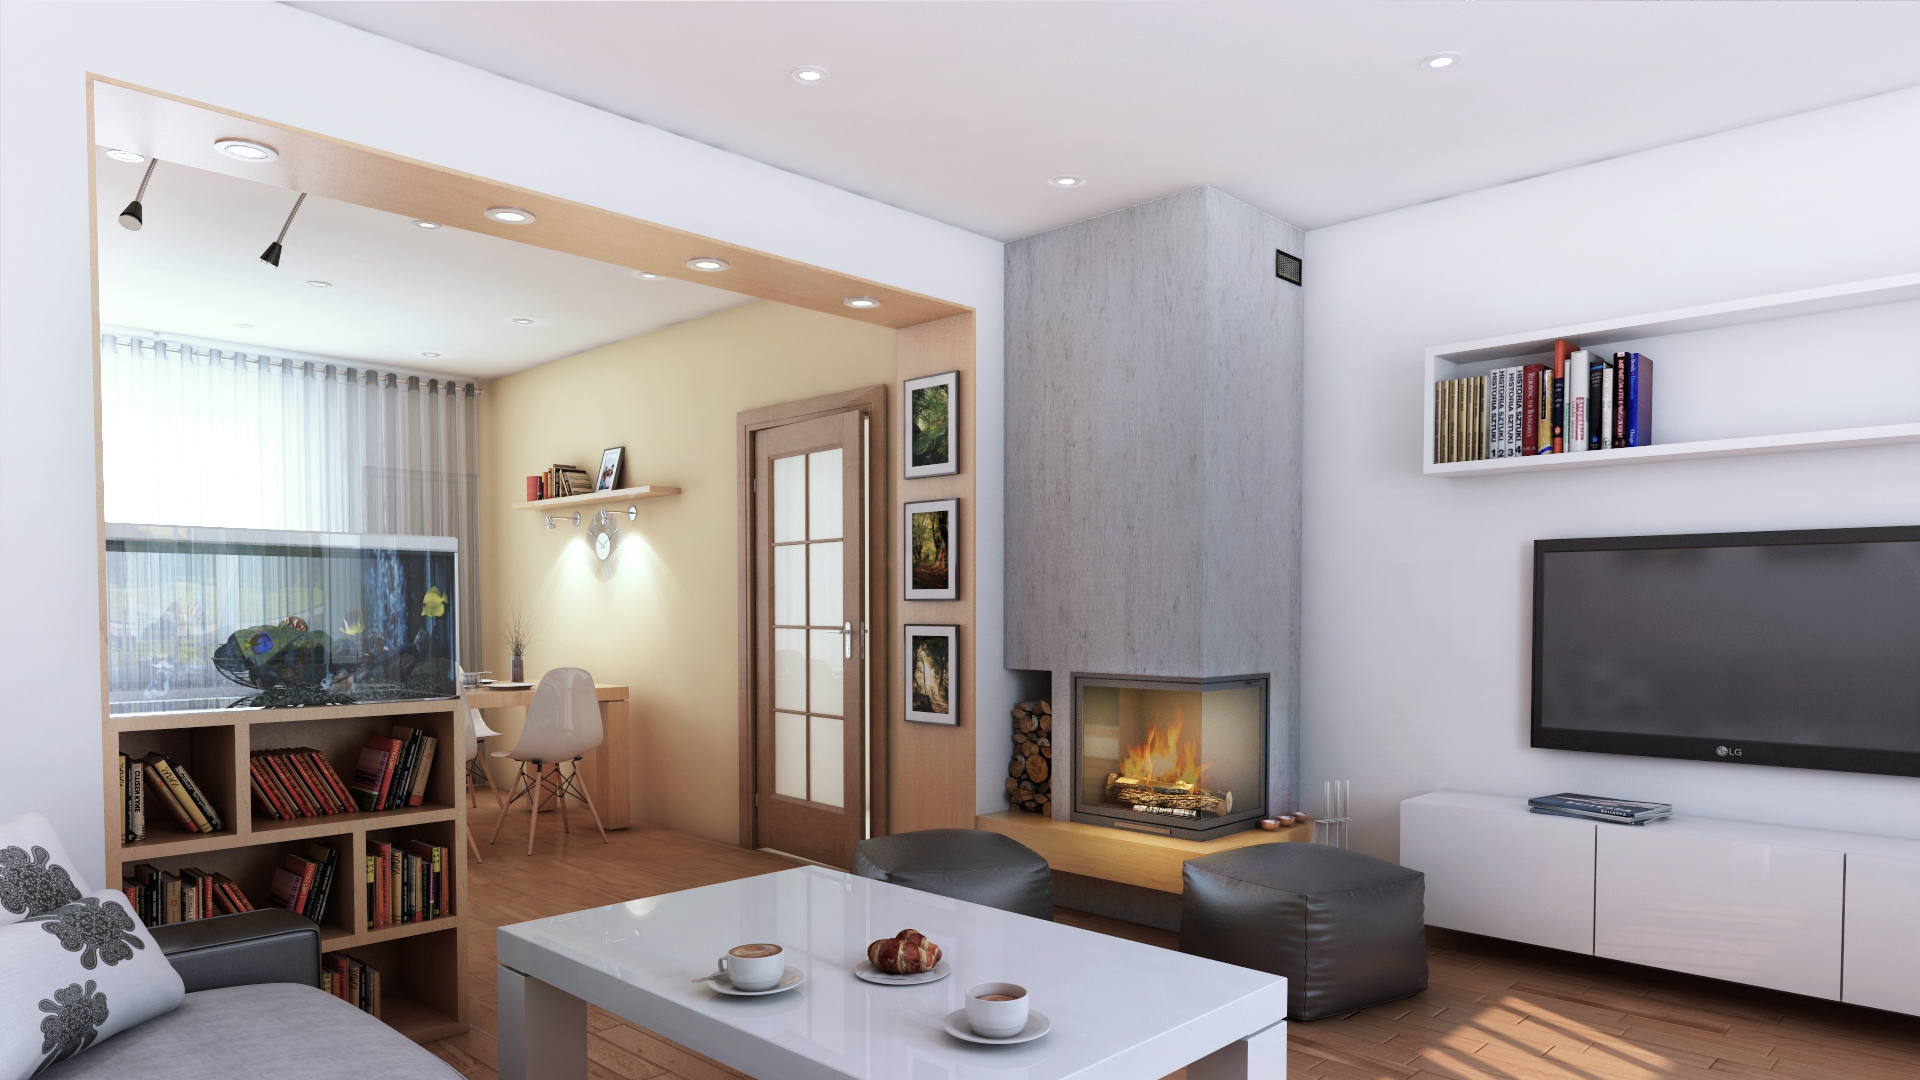 projekt salonu widok na kuchnię